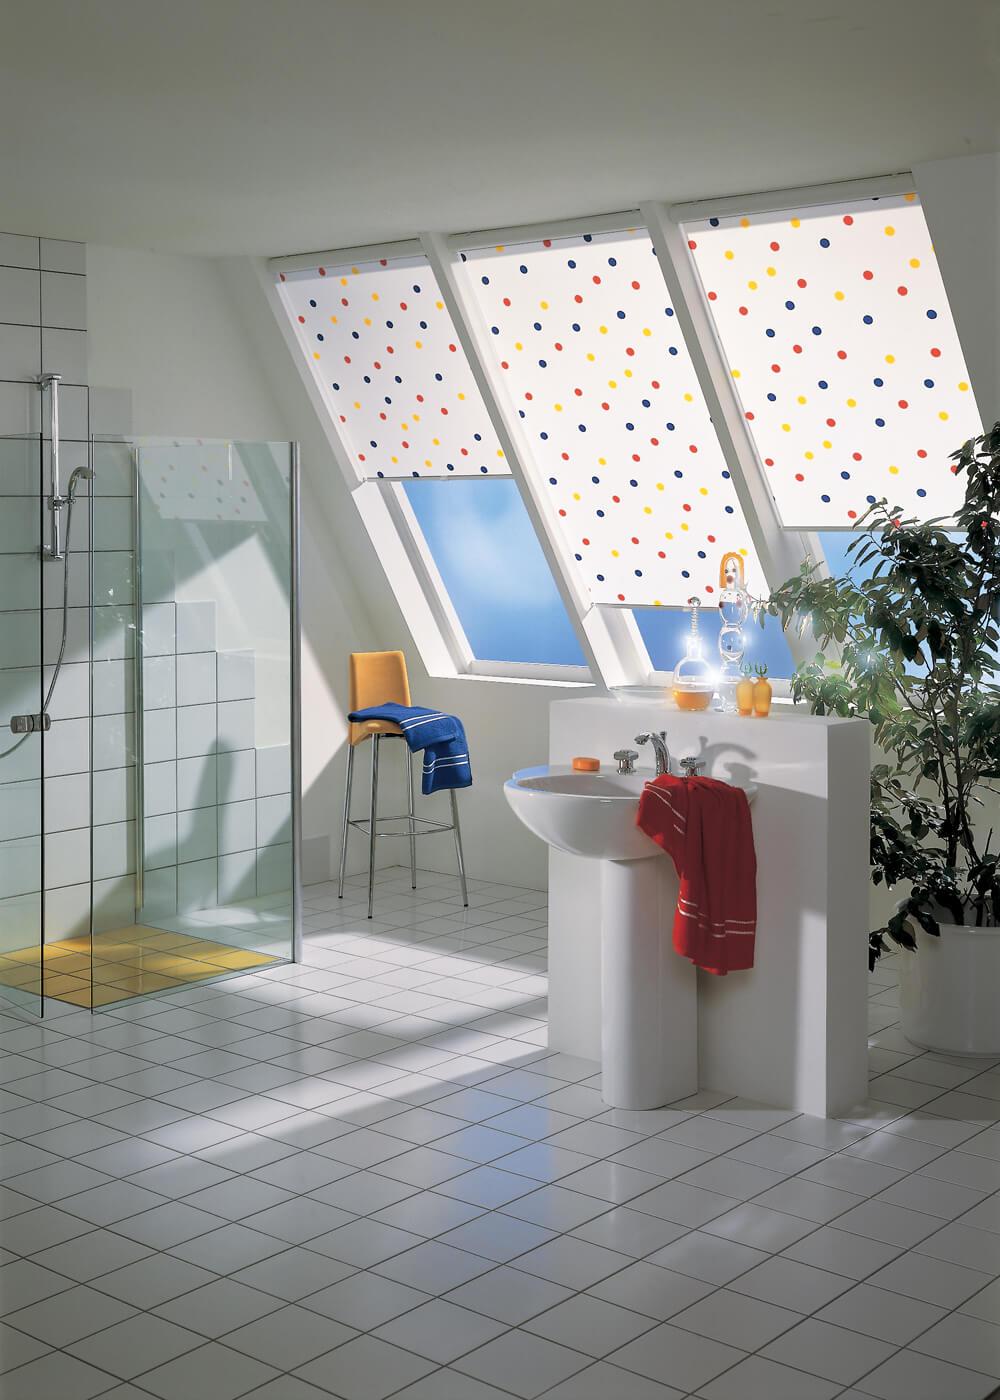 Full Size of Plissee Kinderzimmer Gute Tipps Fr Dachfensterplissees Und Dachfensterrollos Sofa Fenster Regal Weiß Regale Kinderzimmer Plissee Kinderzimmer